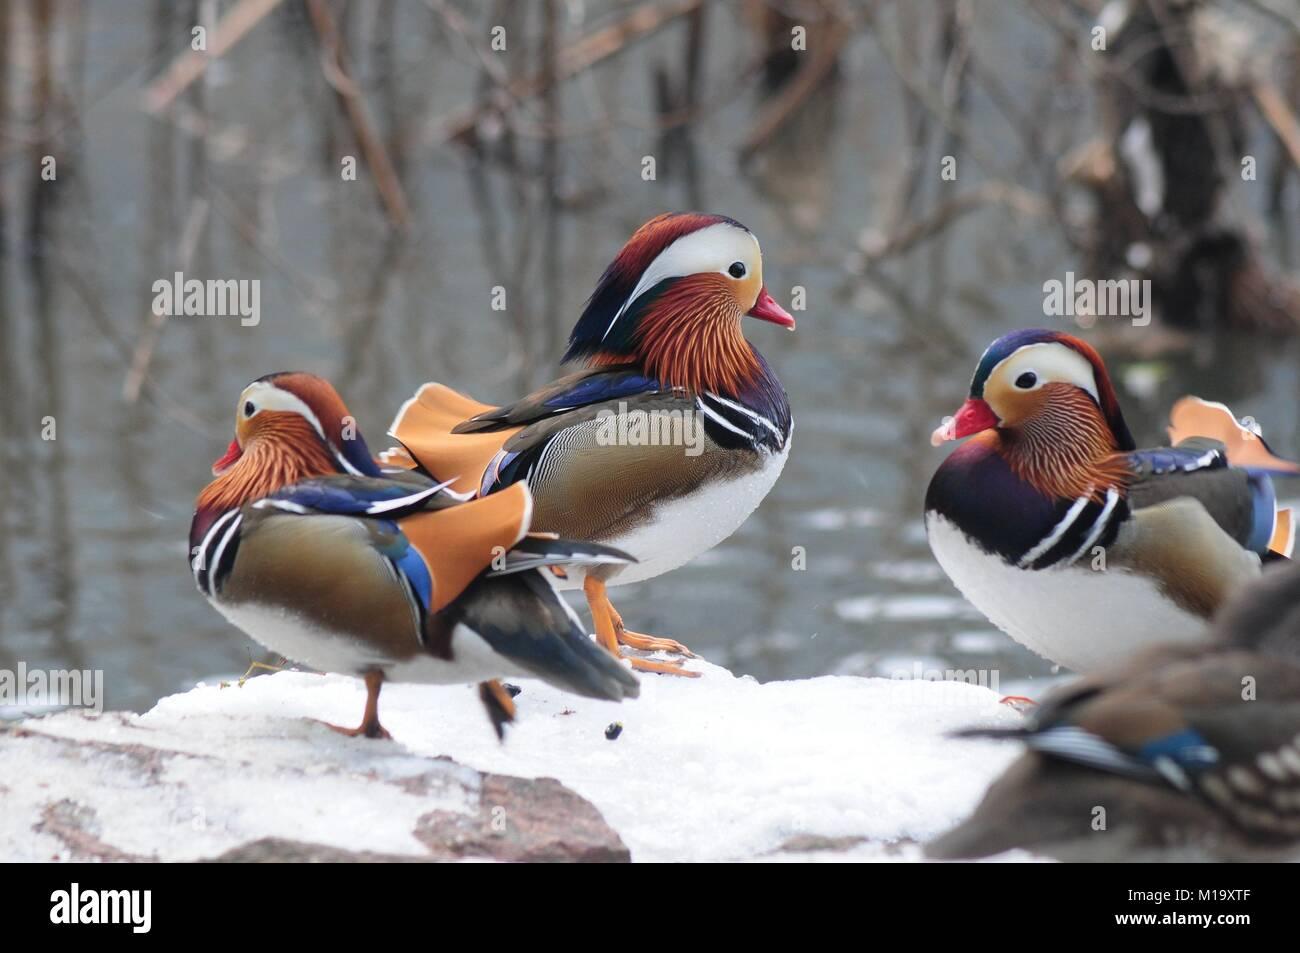 Hangzhou, China. 29th Jan, 2018. Mandarin ducks can be seen at Gushan Park in Hangzhou, east China's Zhejiang - Stock Image